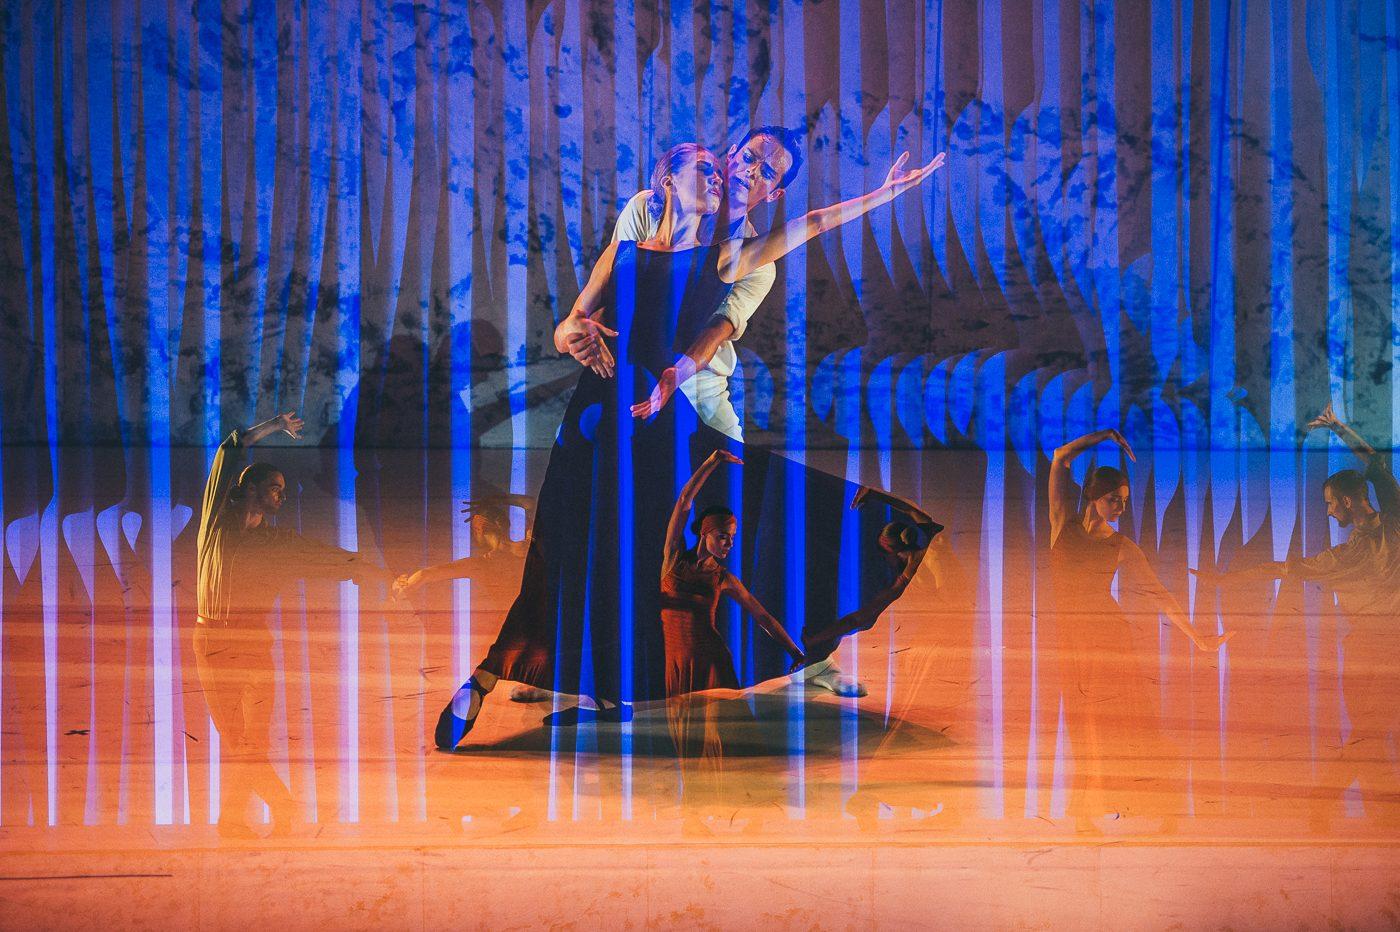 Premjera Zorba Muzikinis Teatras E.sabaliauskaite 019